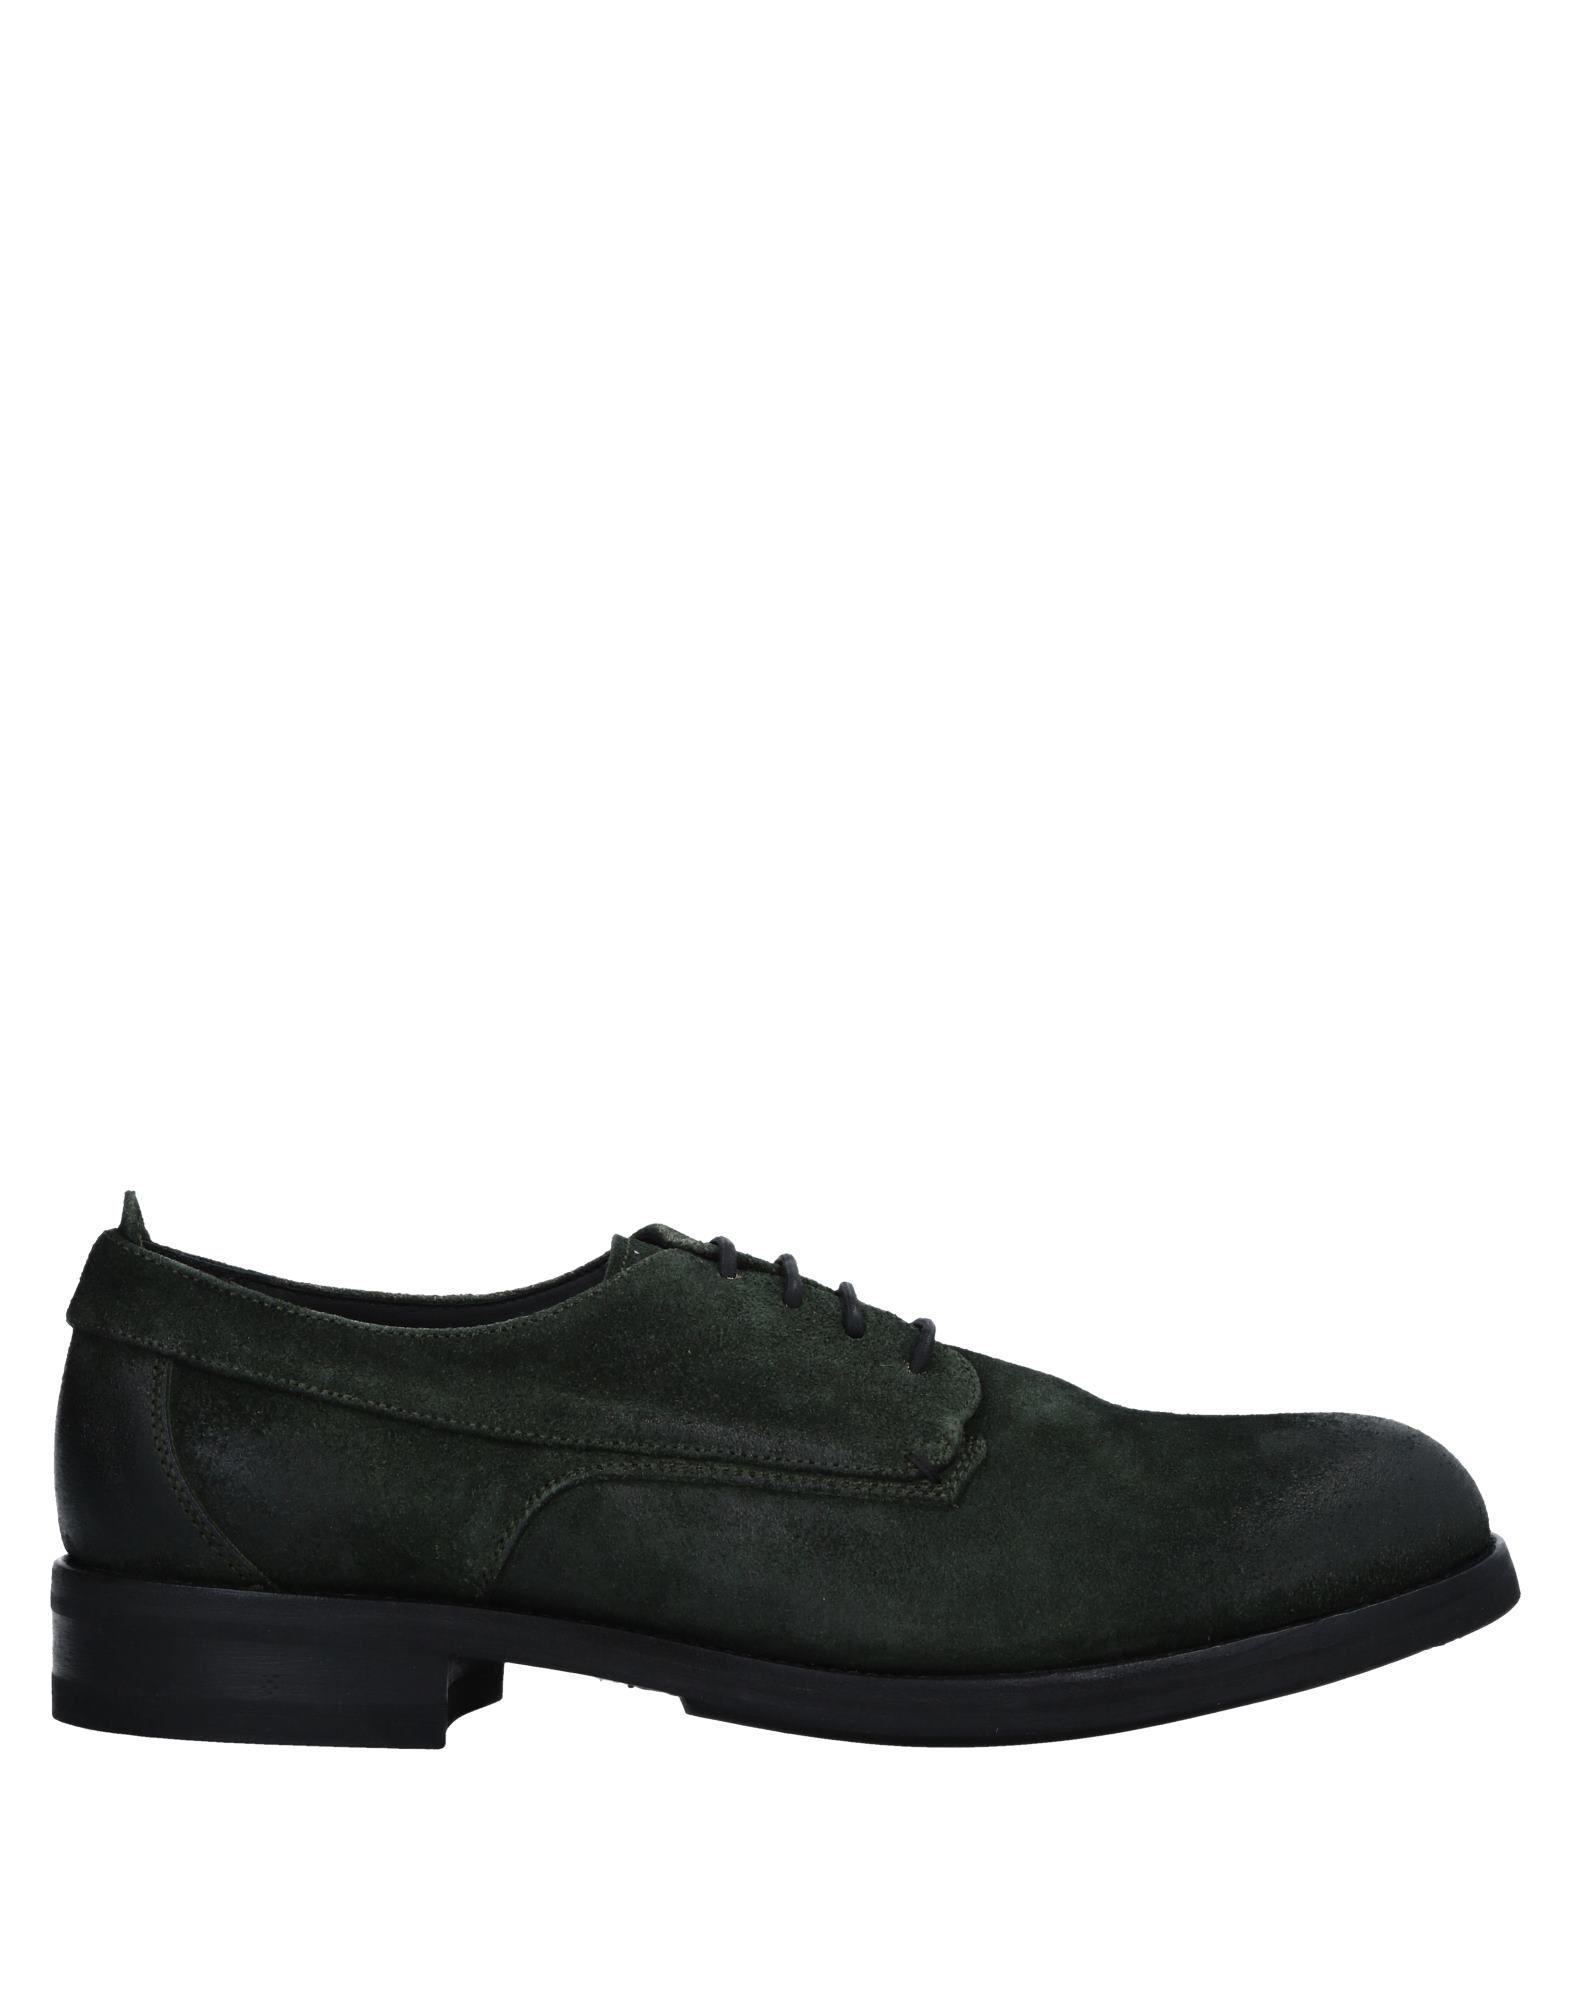 Pantanetti Schnürschuhe Herren  11534524JD Gute Qualität beliebte Schuhe